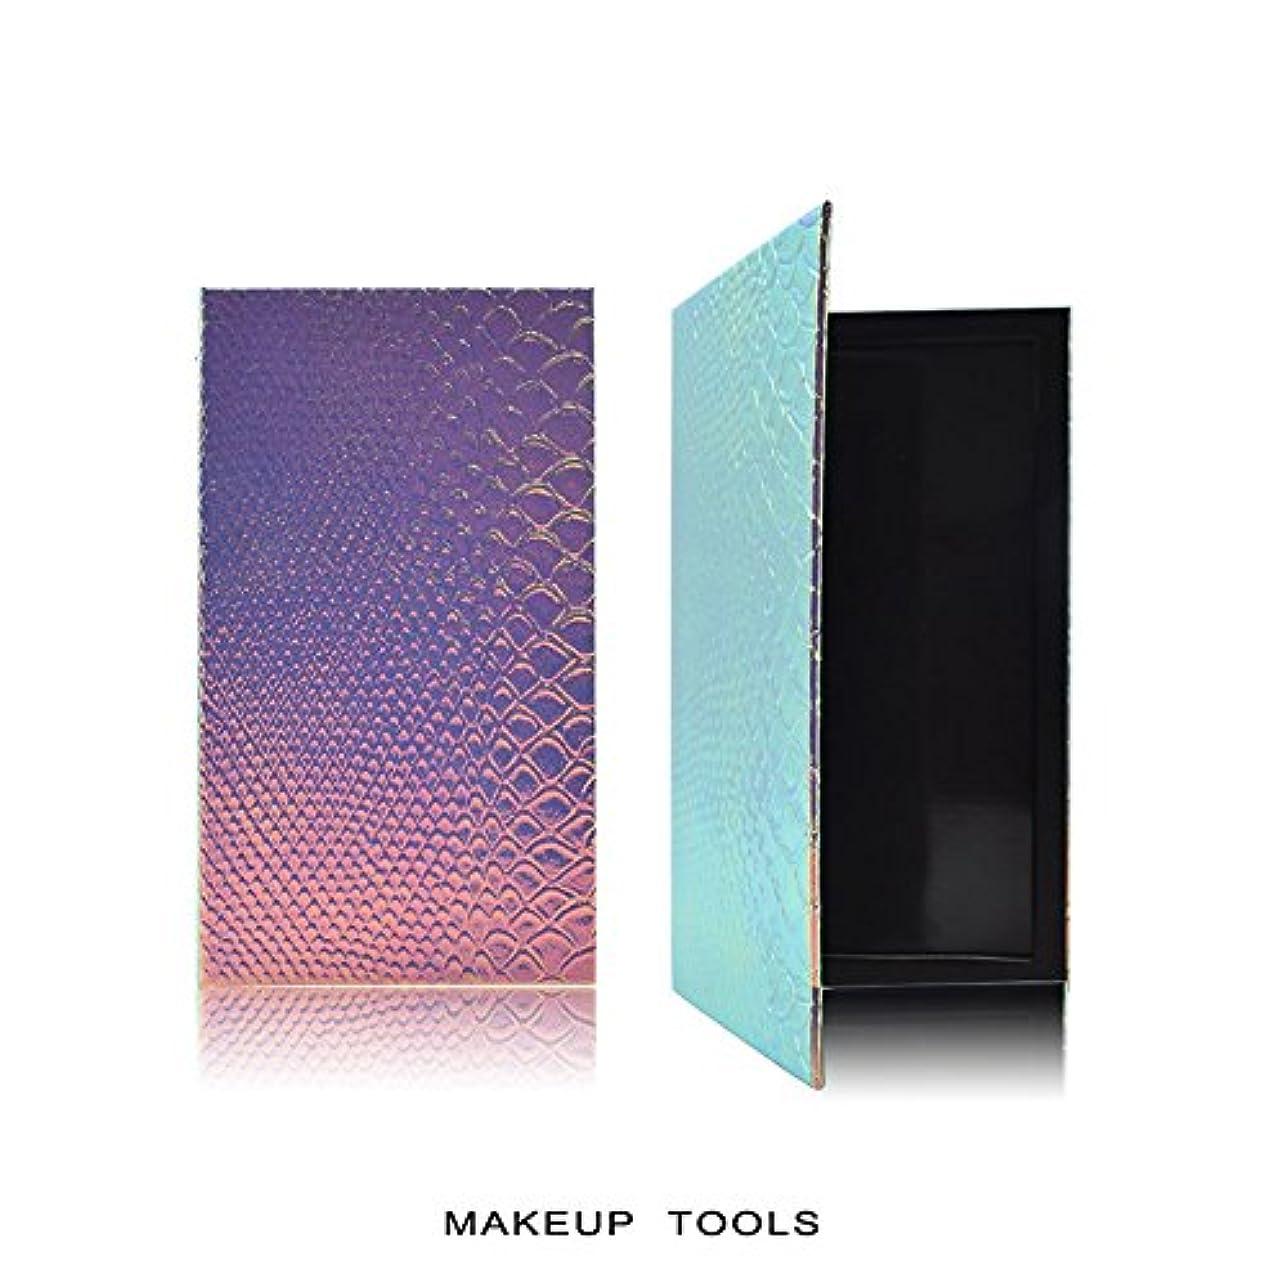 意識書士そこからRaiFu アイシャドウ パレット 化粧 空の磁気 自作携帯型 美容 化粧品の保管ツール うろこ 18*10CM